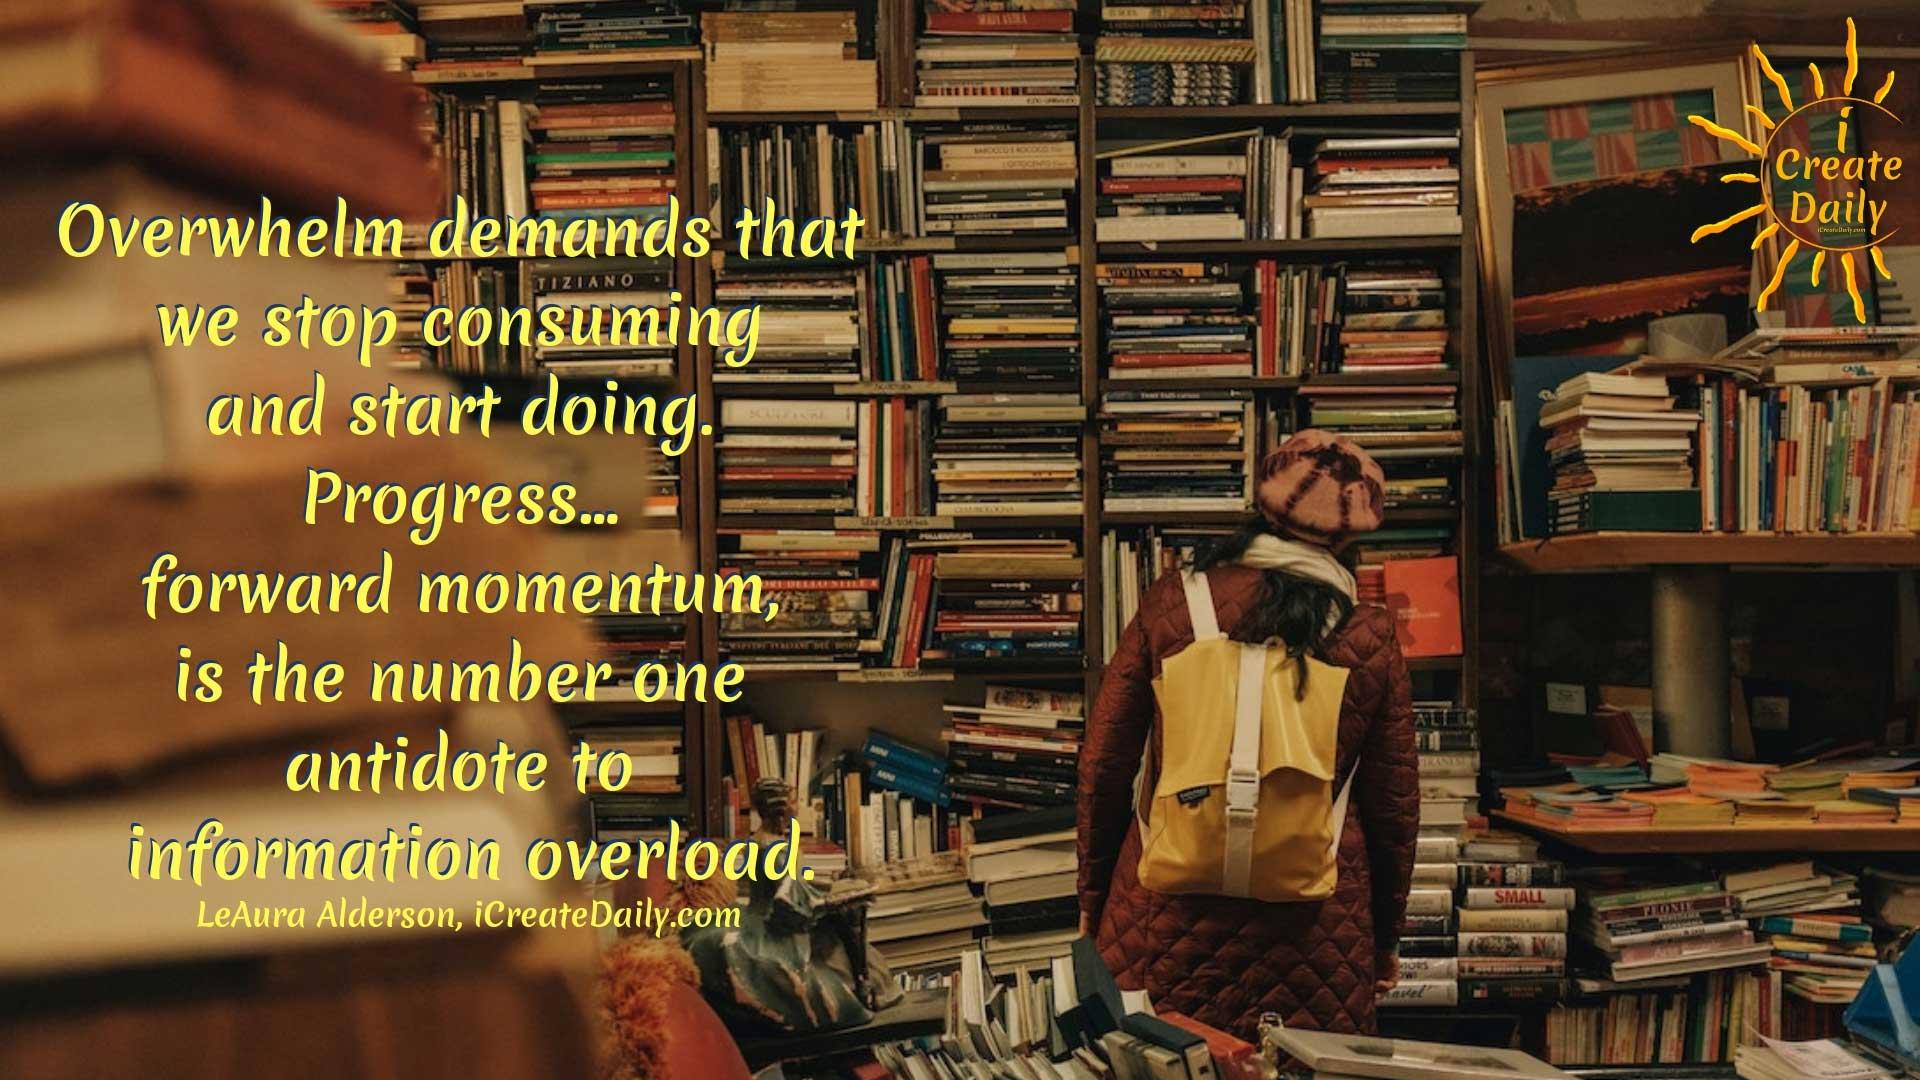 Overwhelm Demands Progress